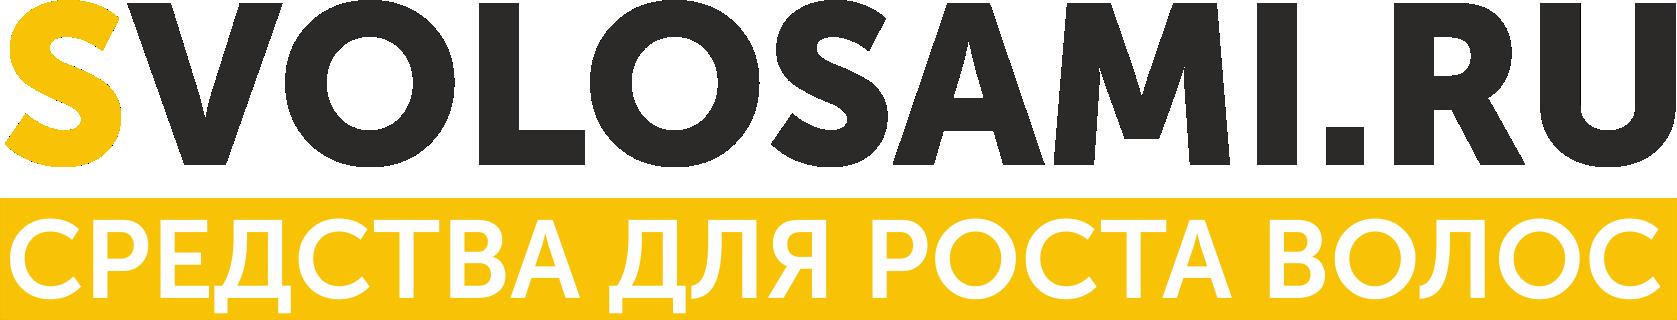 Интернет-магазин Svolosami.ru